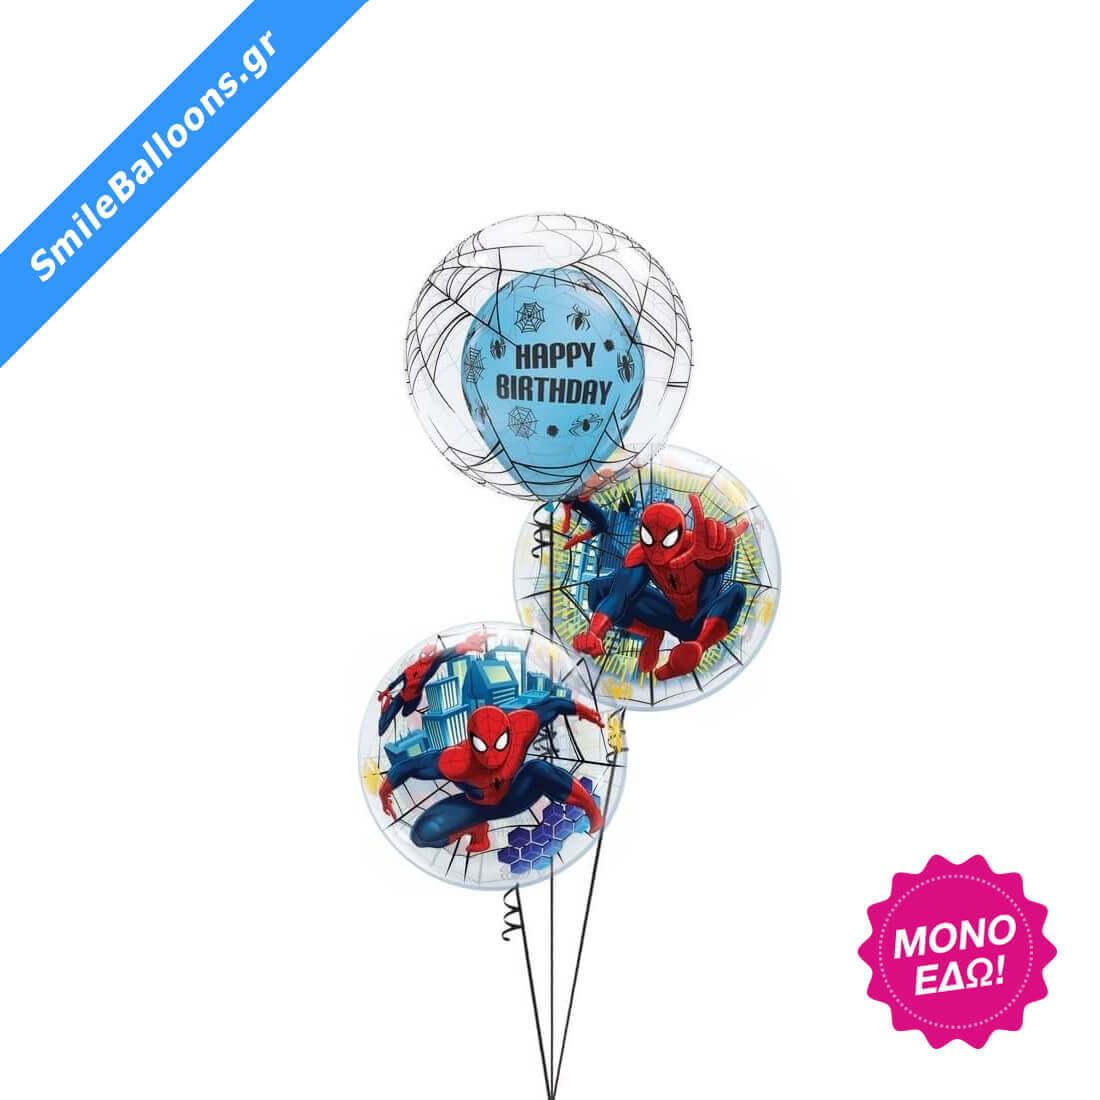 """Μπουκέτο μπαλονιών """"Spiderman Birthday Bubble Bouquet"""""""